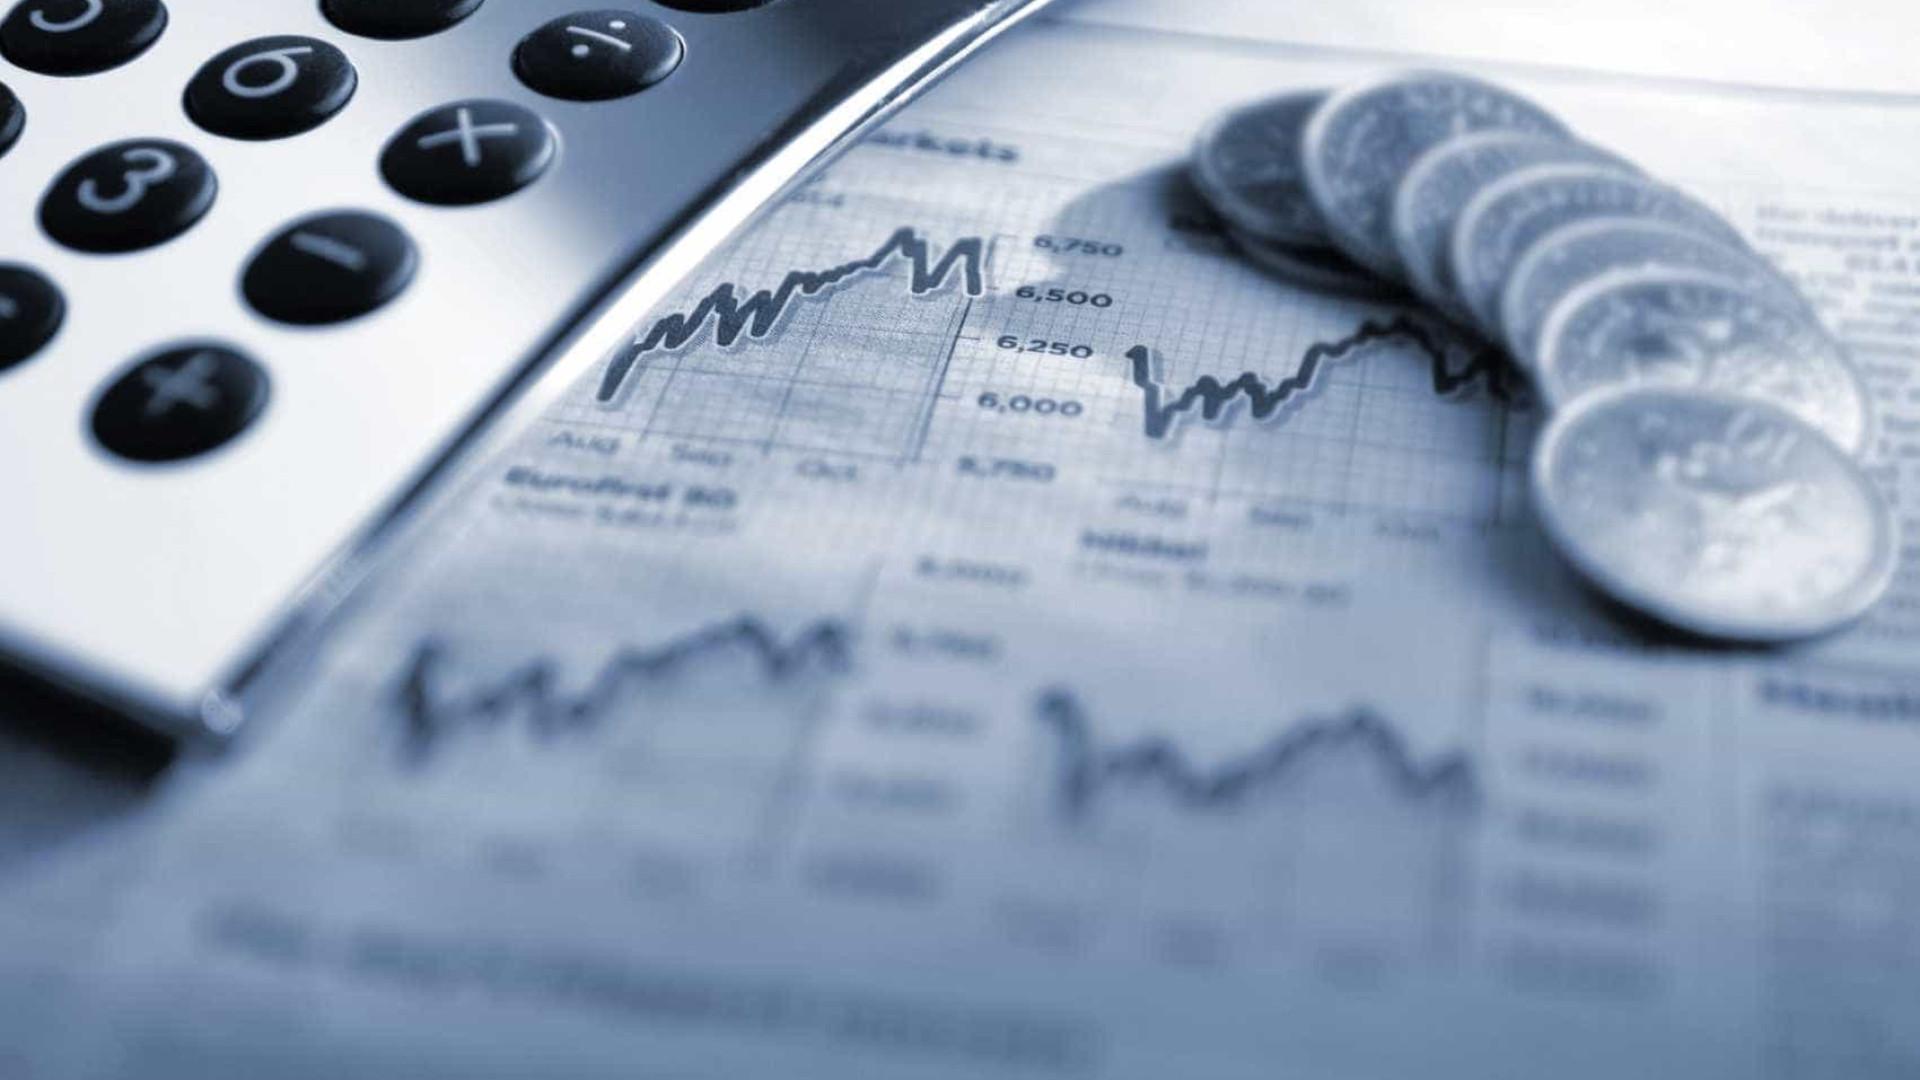 Dívida pública sobe 1,71% em fevereiro, informa Tesouro Nacional